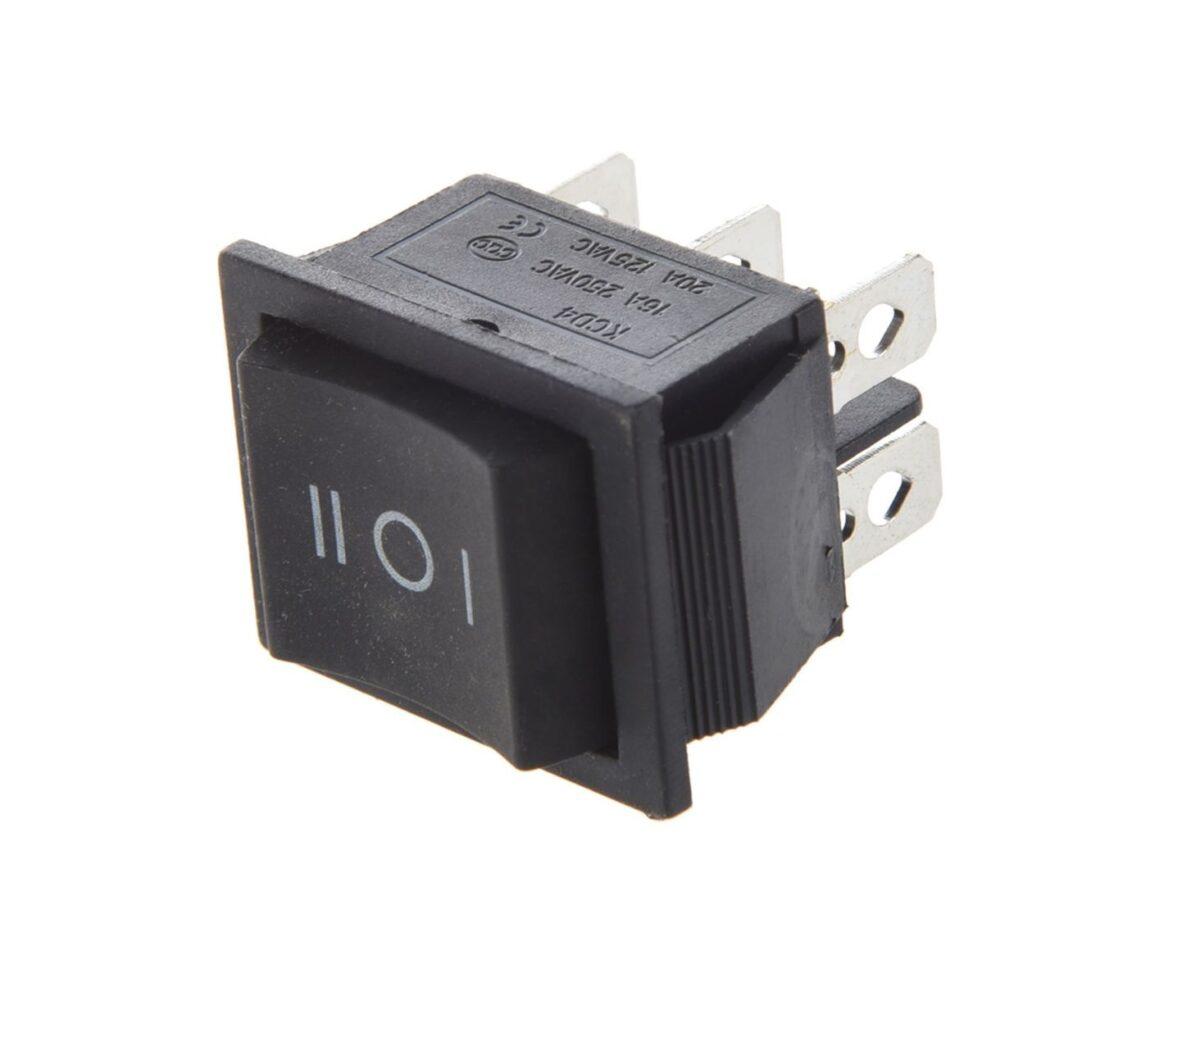 DPDT Rocker Switch Center Off sharvielectronics.com